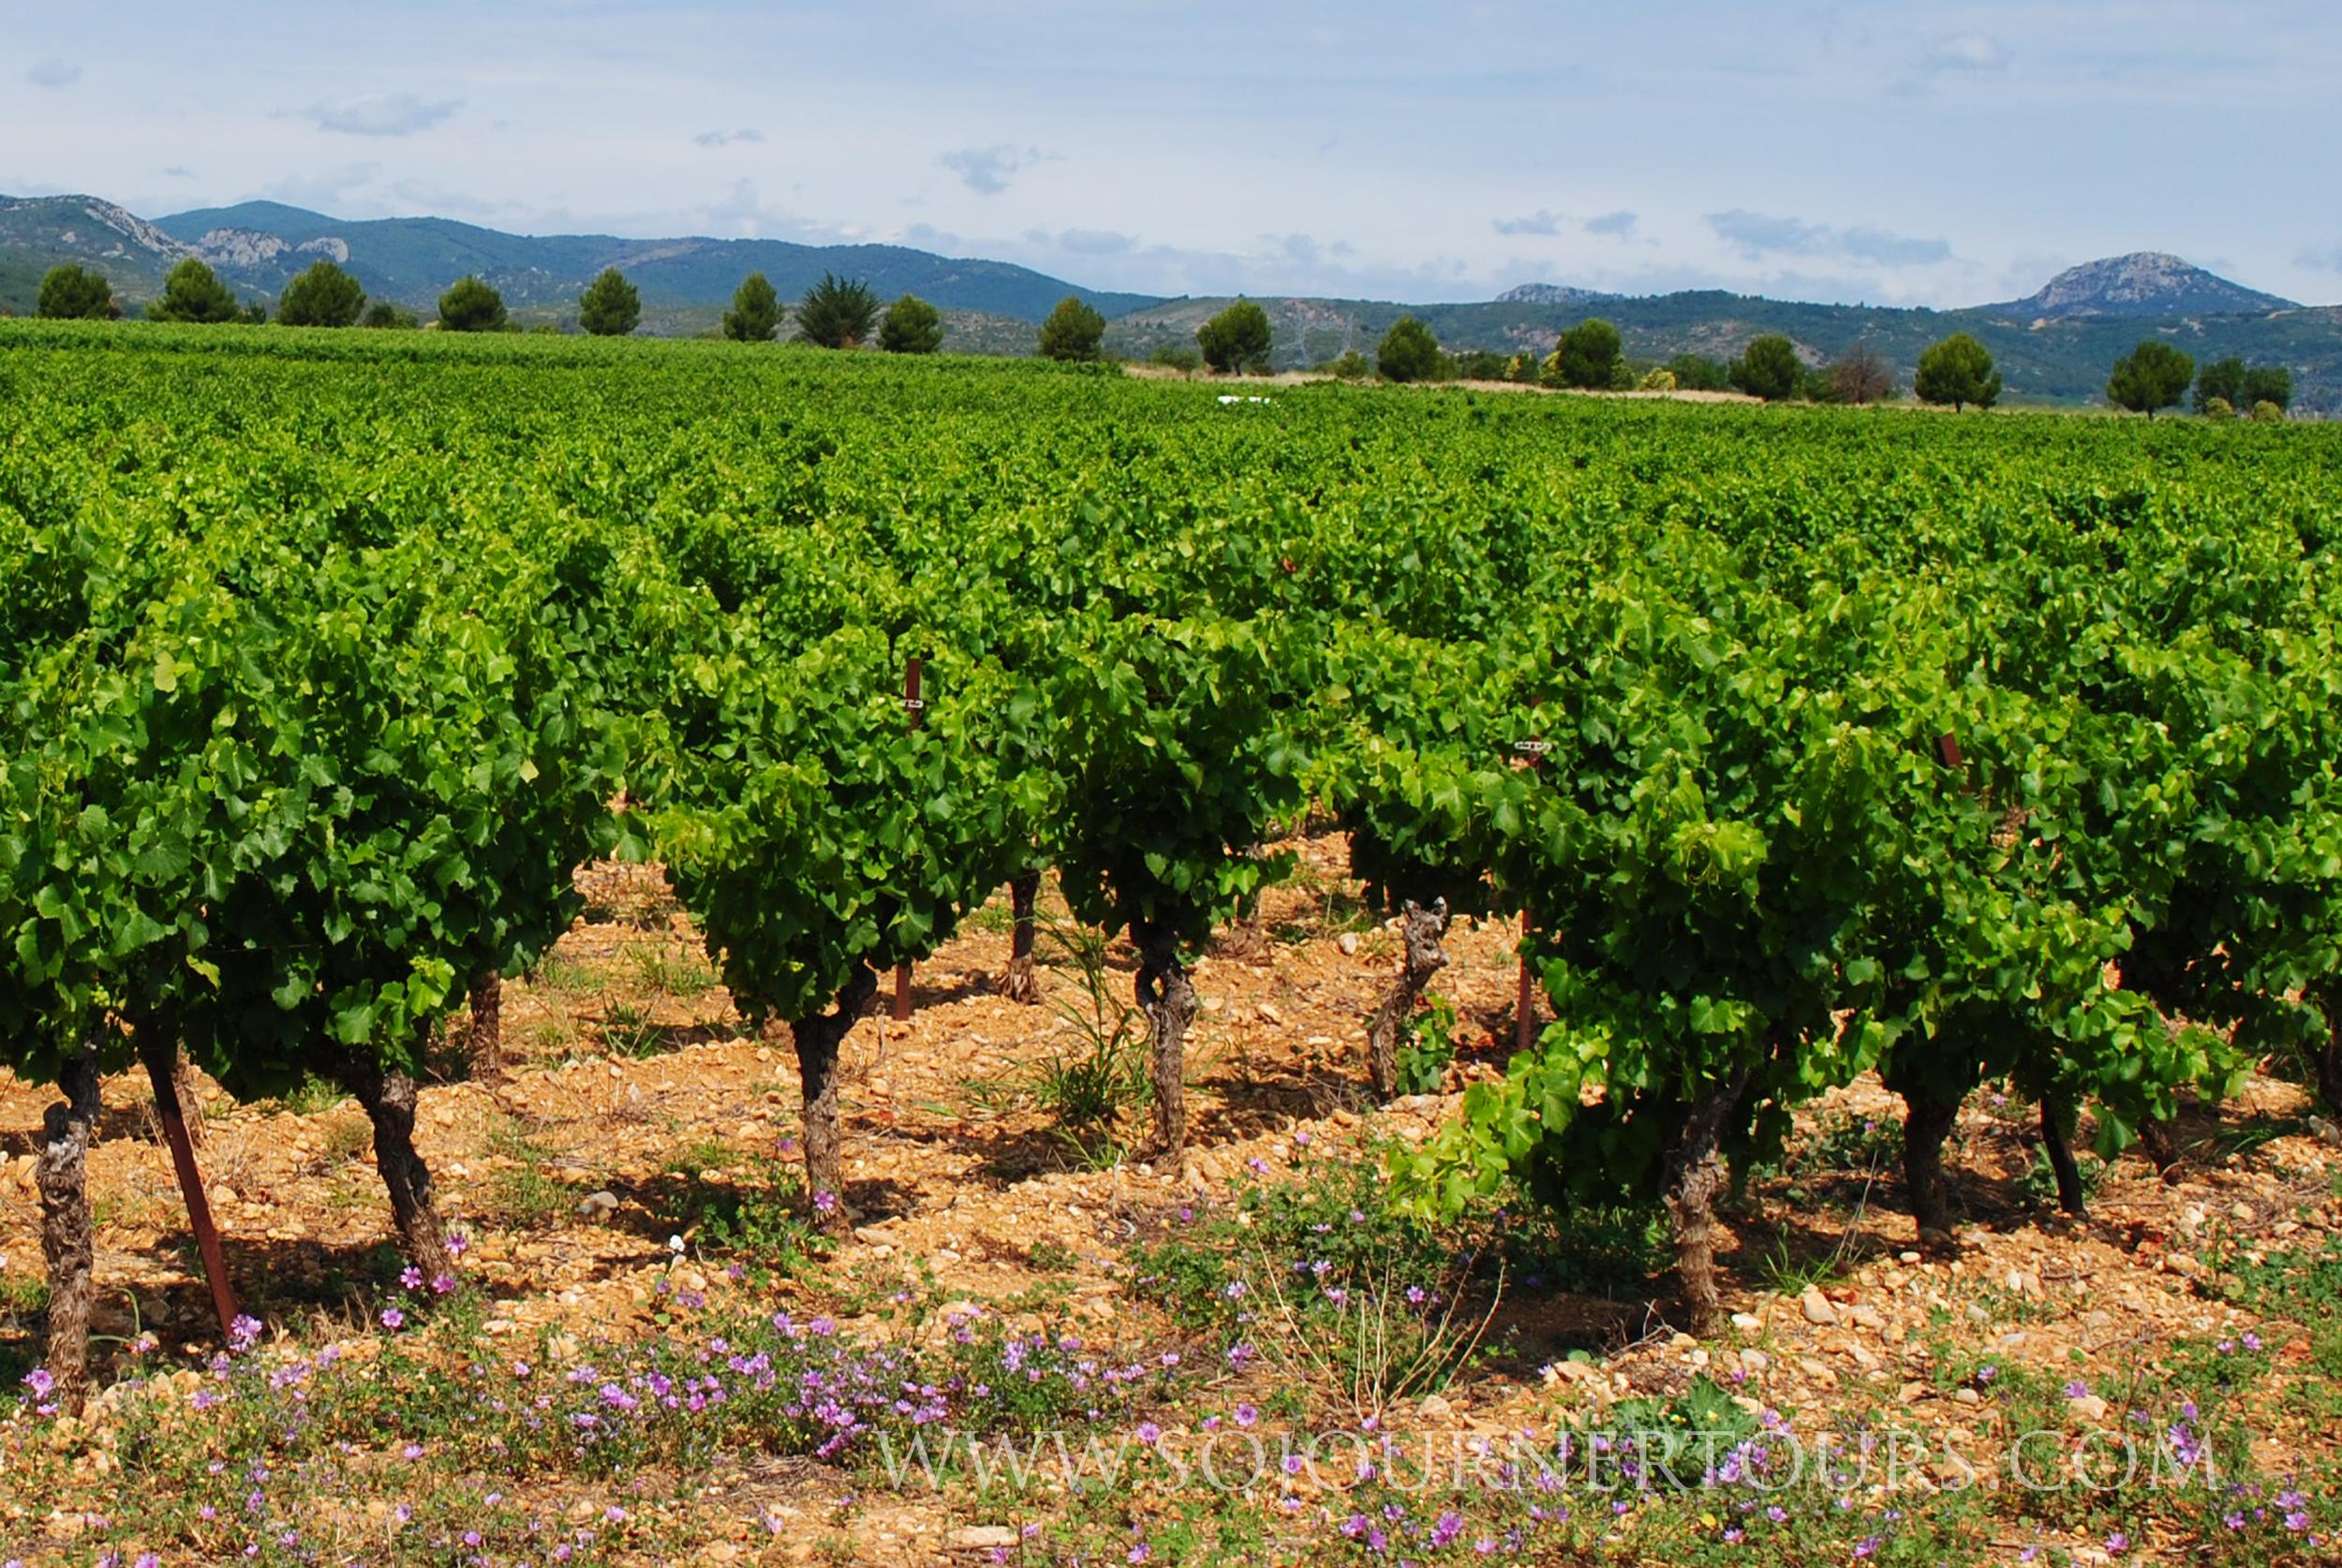 Vineyard, France: Sojourner Tours